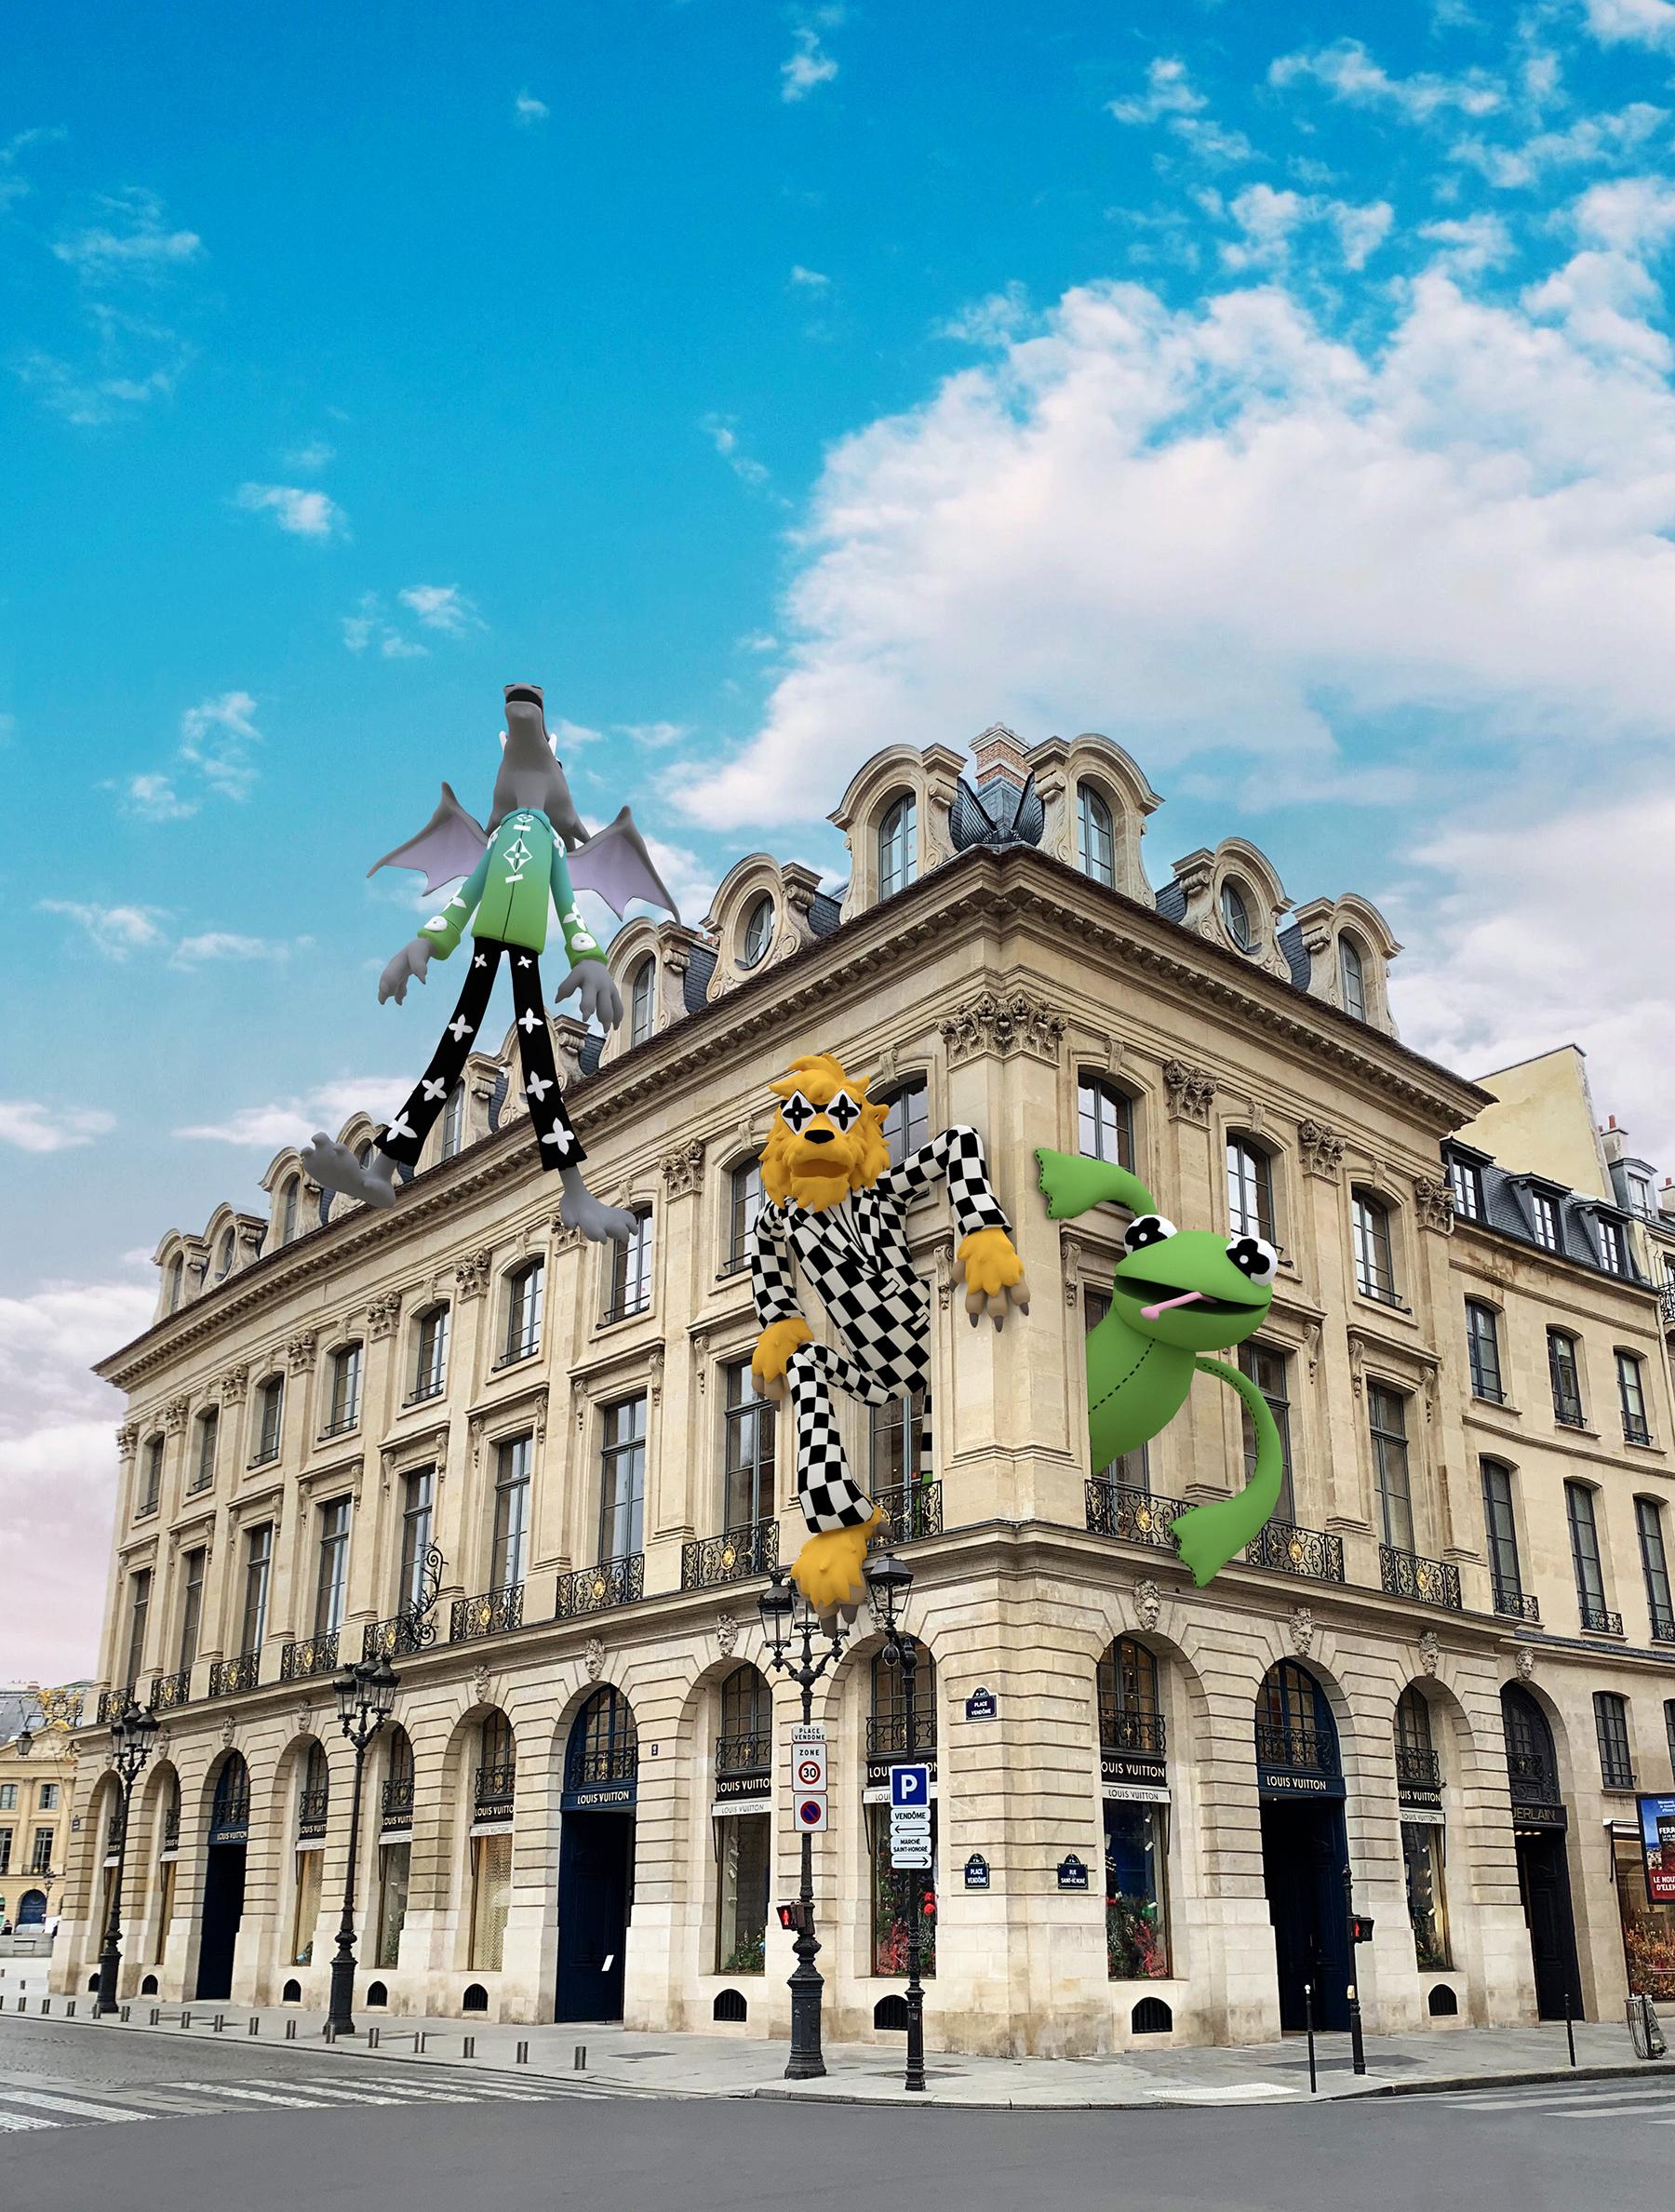 Louis Vuitton Men's Launches Paris Events